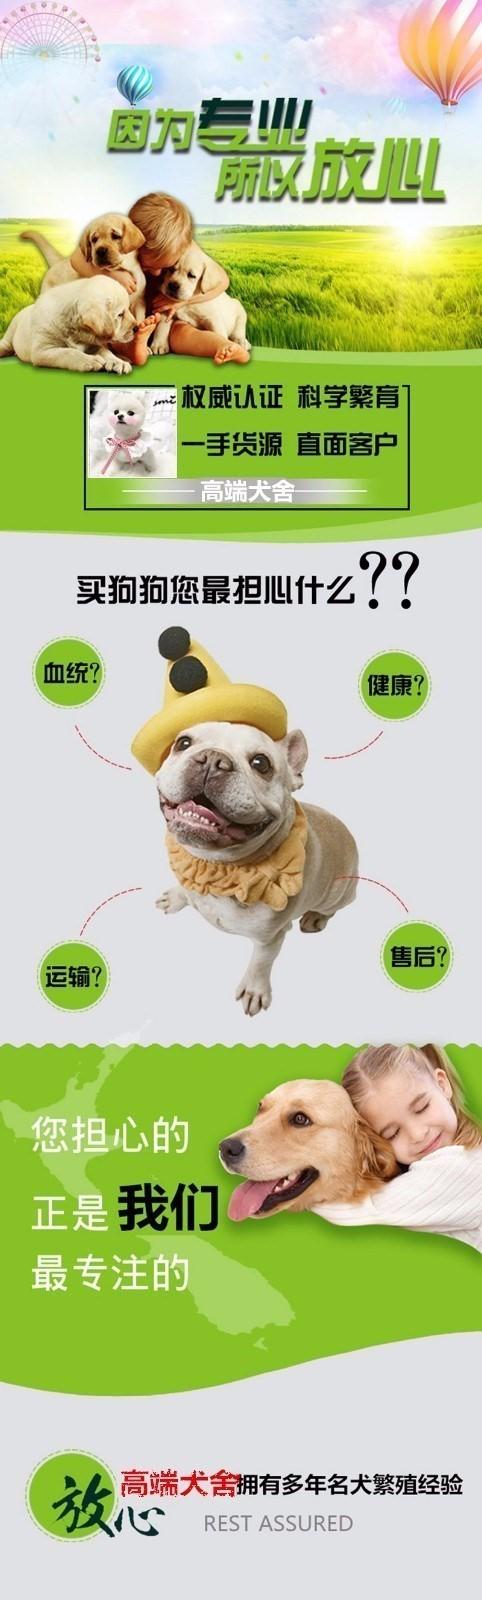 威海专业狗舍促销泰迪犬苹果脸蛋小短嘴超可爱8